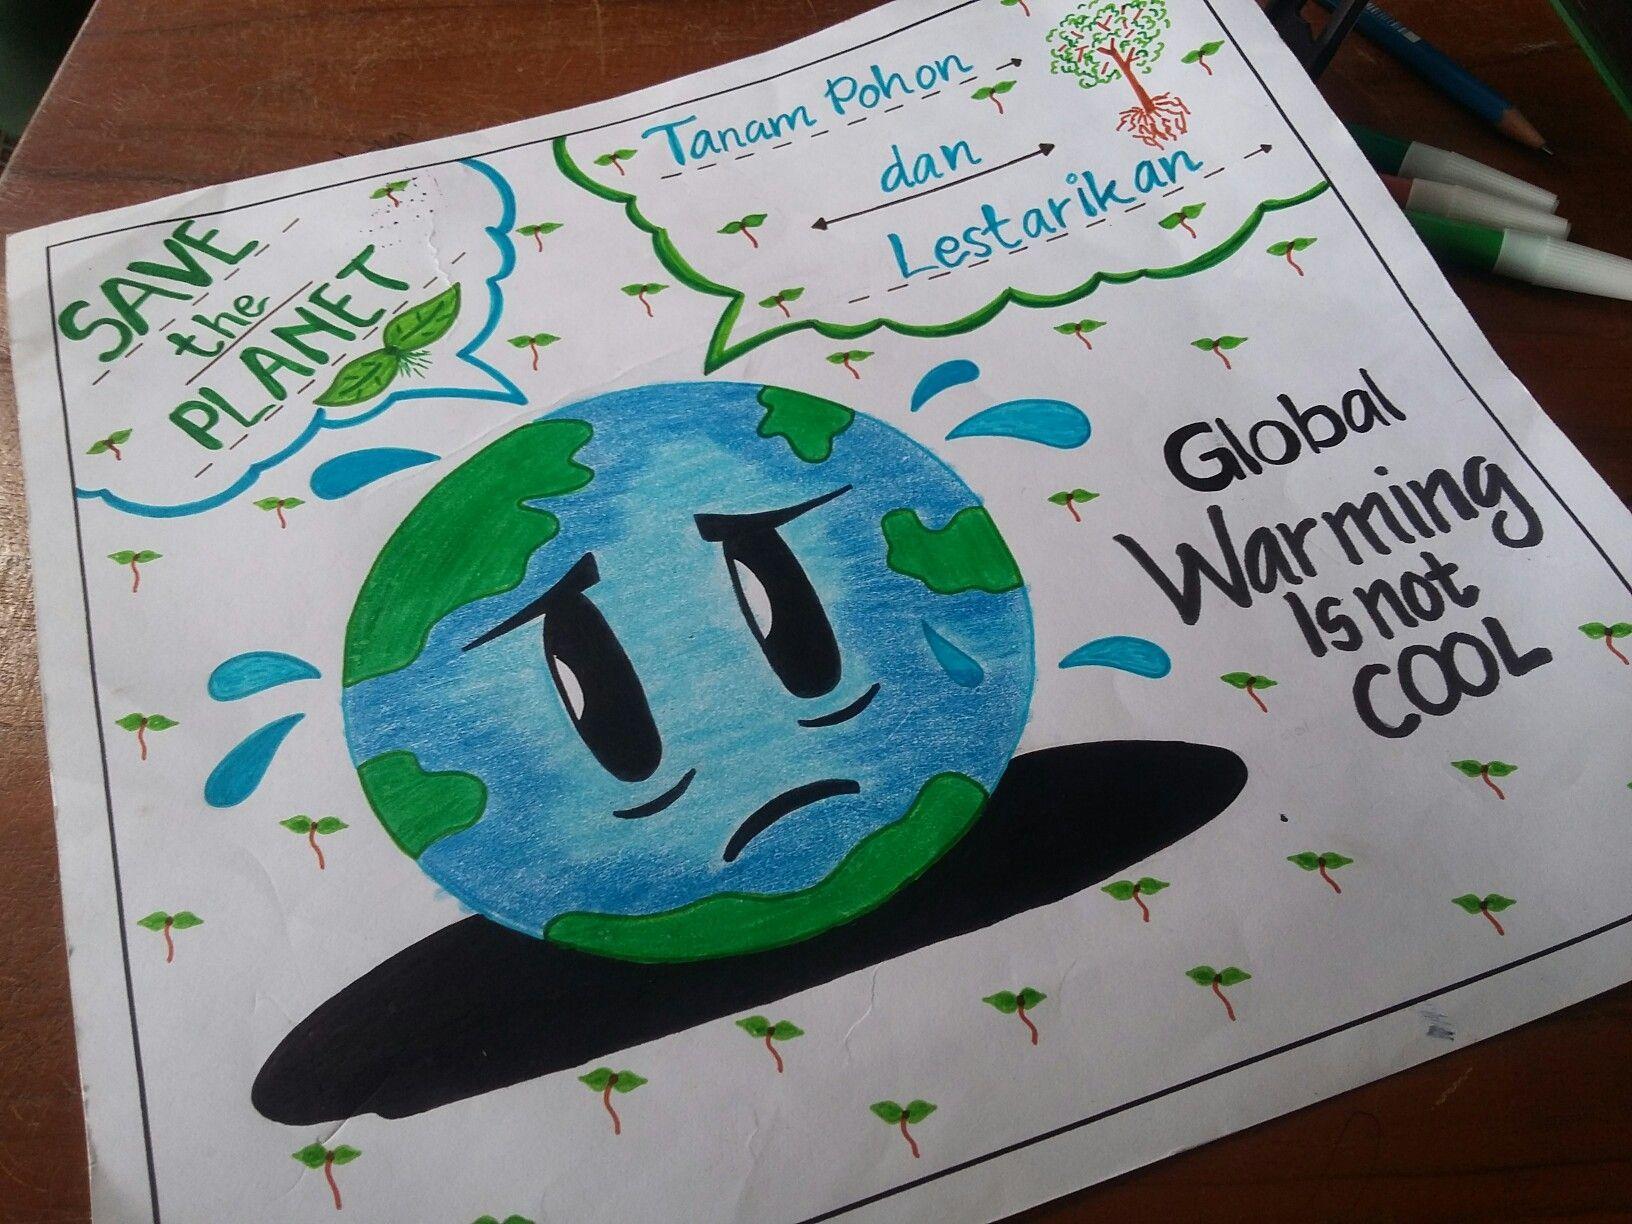 Pin Oleh Neelam Pirbhai Di Amanda Ferec Illustration Di 2020 Pendidikan Seni Pemanasan Global Lingkungan Hidup